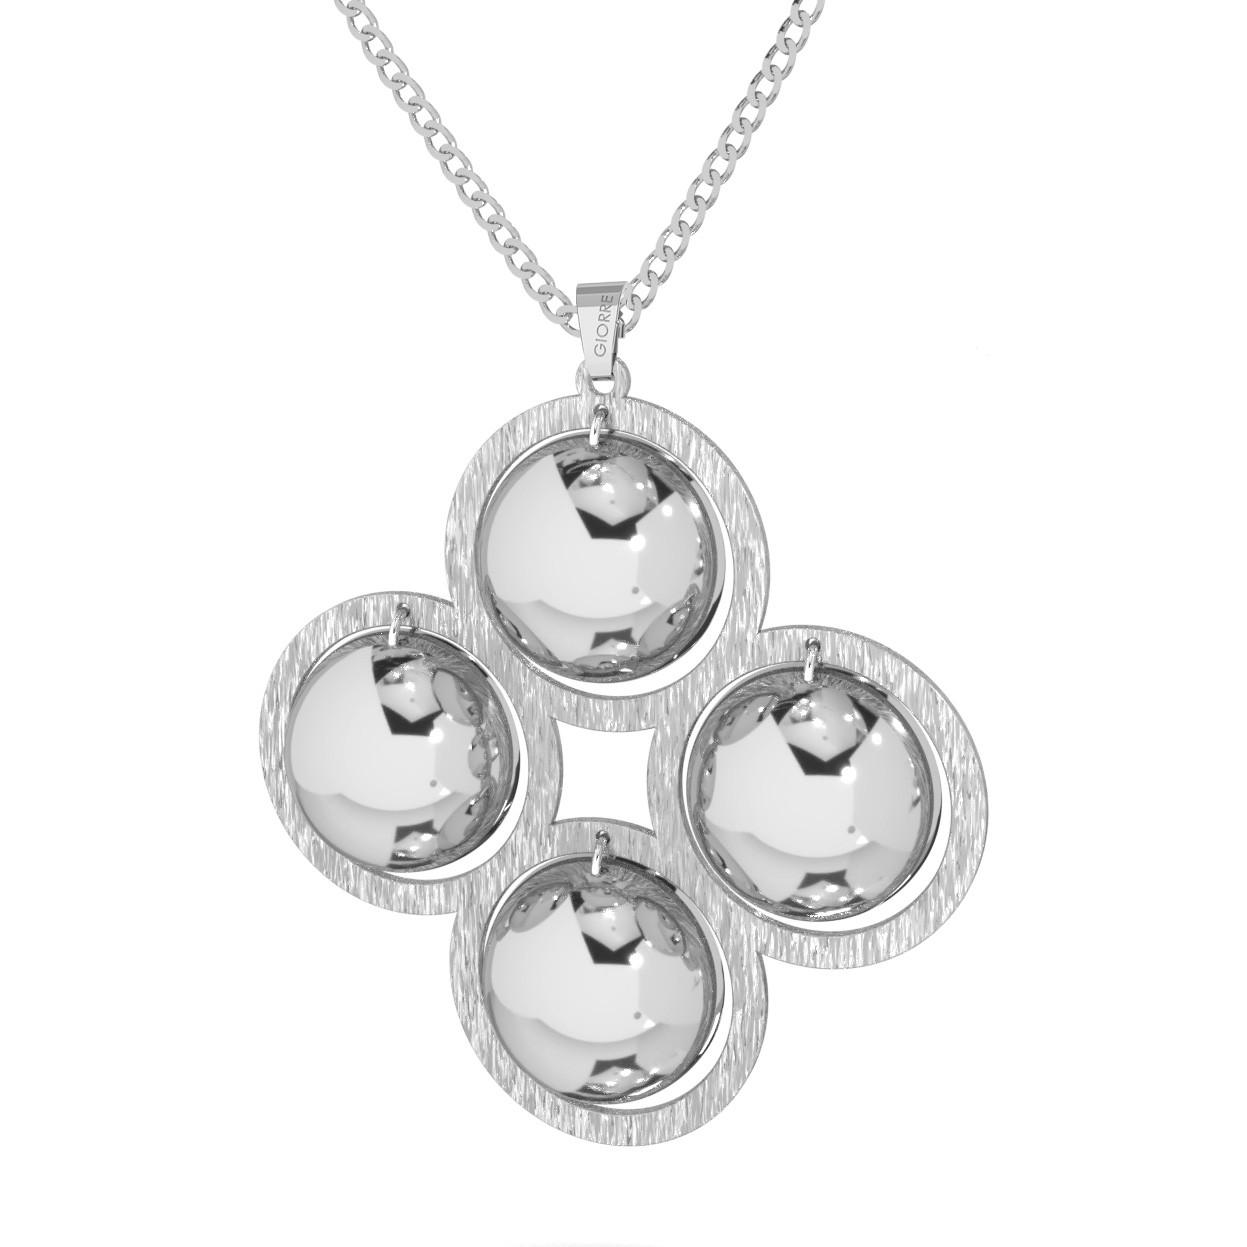 Srebrny naszyjnik cztery wypukłe blaszki srebro 925